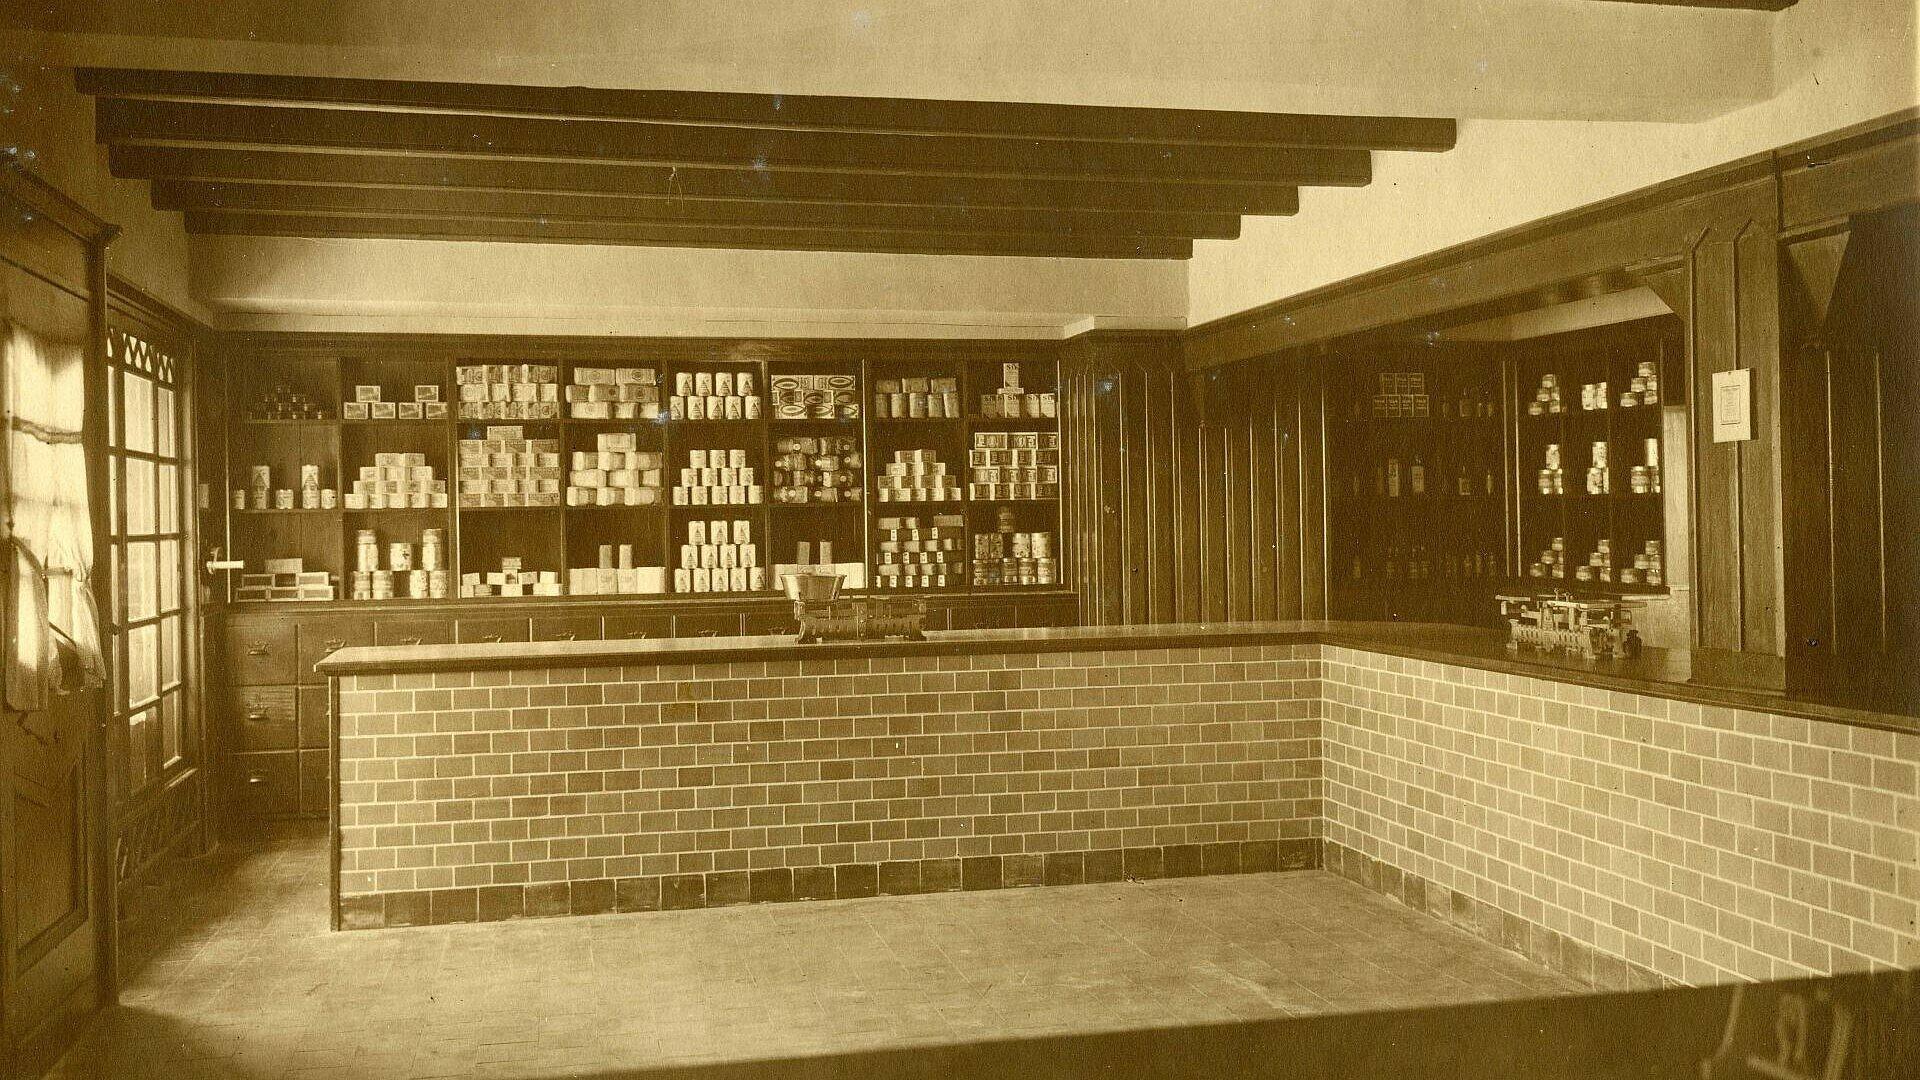 Historisches Foto von einem Ladenlokal in der Nibelungensiedlung in Mauenheim